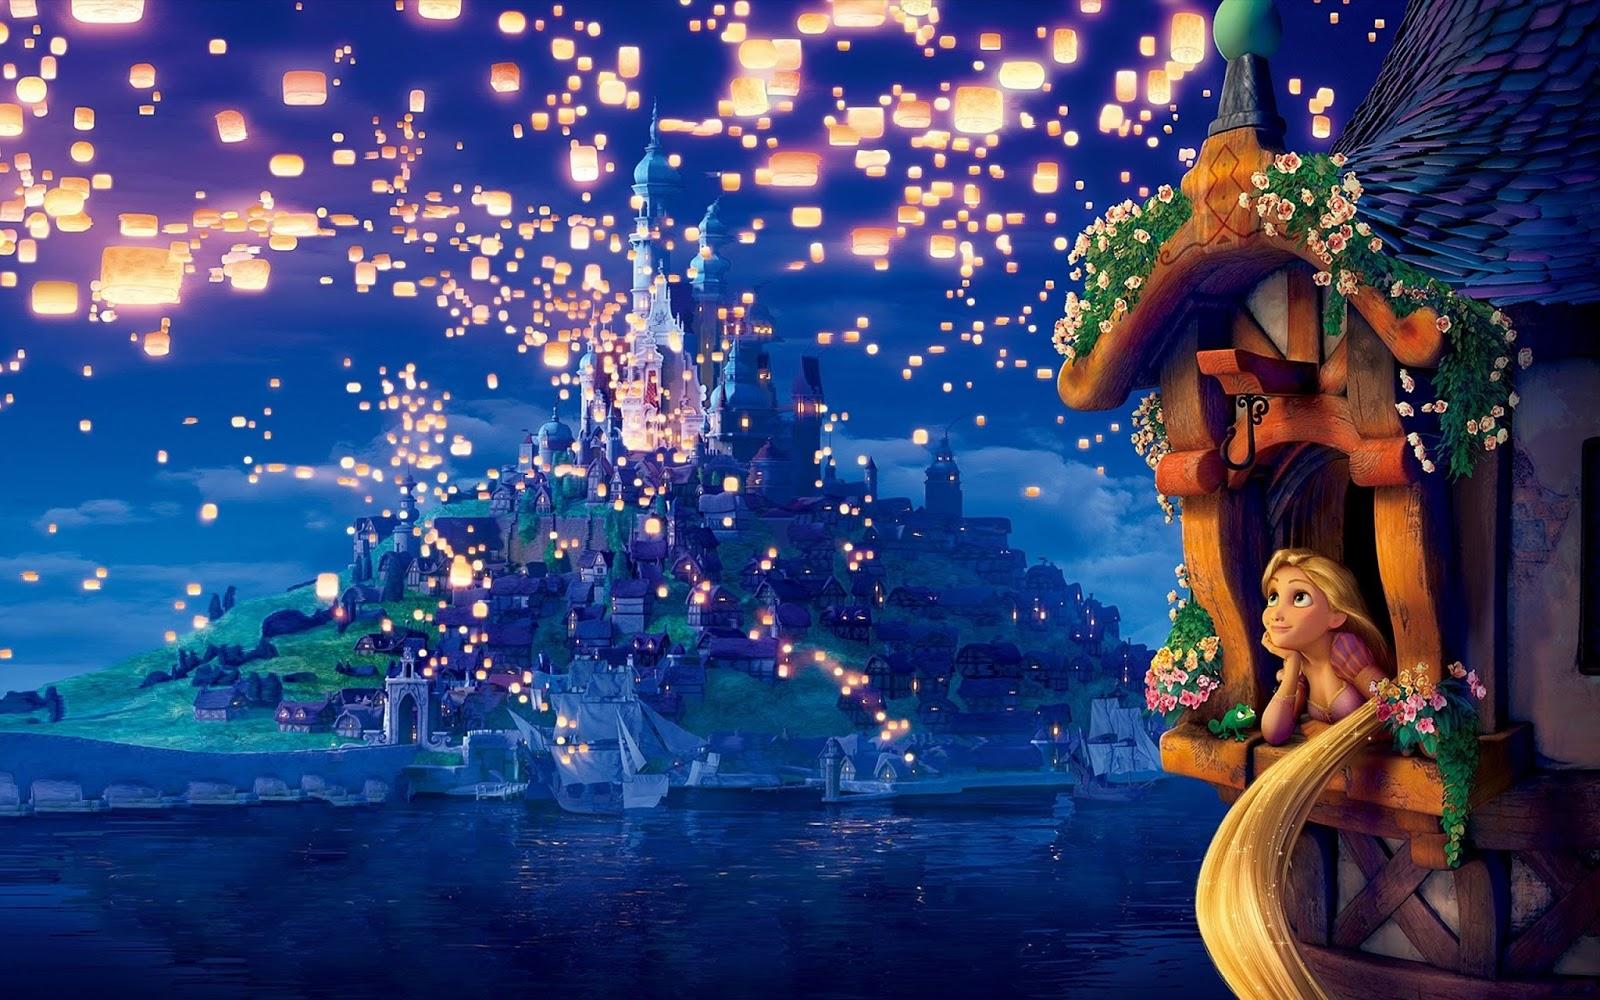 Famosos As mais lindas imagens Disney   Blog dos Esquilos UL39